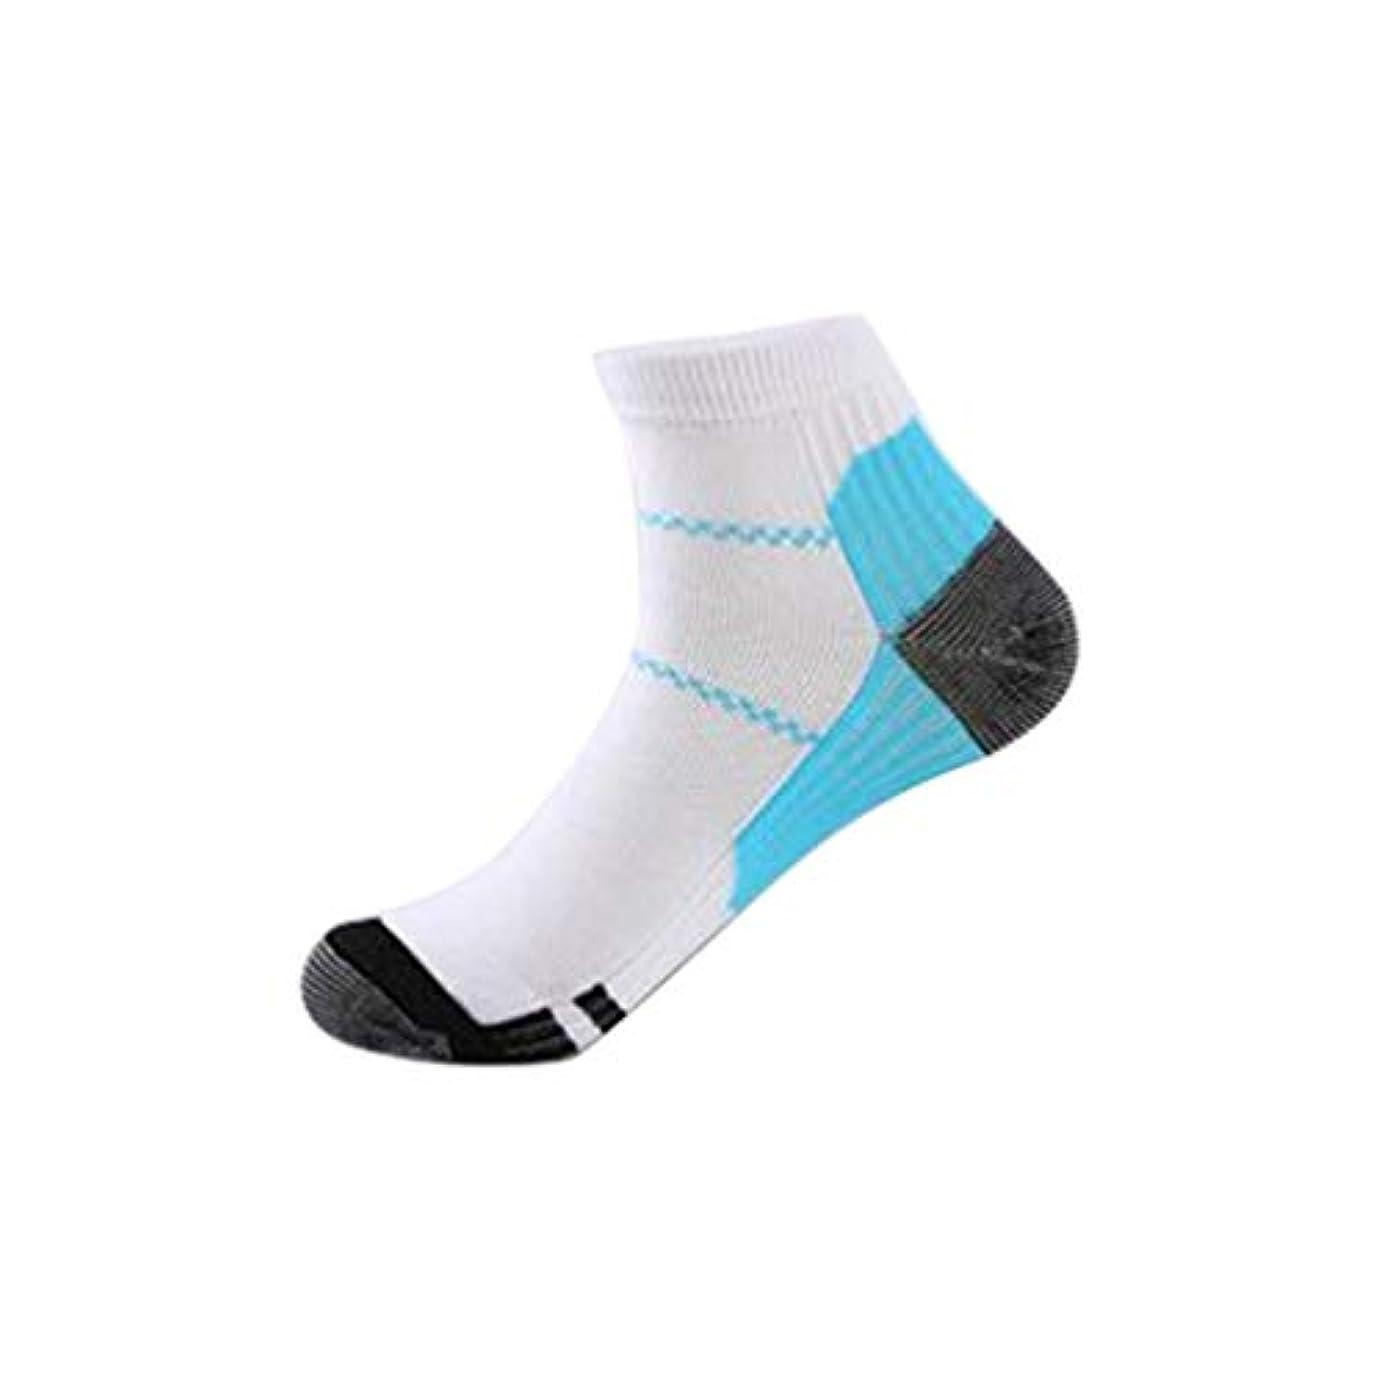 ベーシックレキシコン仕出します快適な男性女性ファッション短いストレッチ圧縮靴下膝ソックスサポートストレッチ通気性ソックス - ホワイト&ブルーS/M